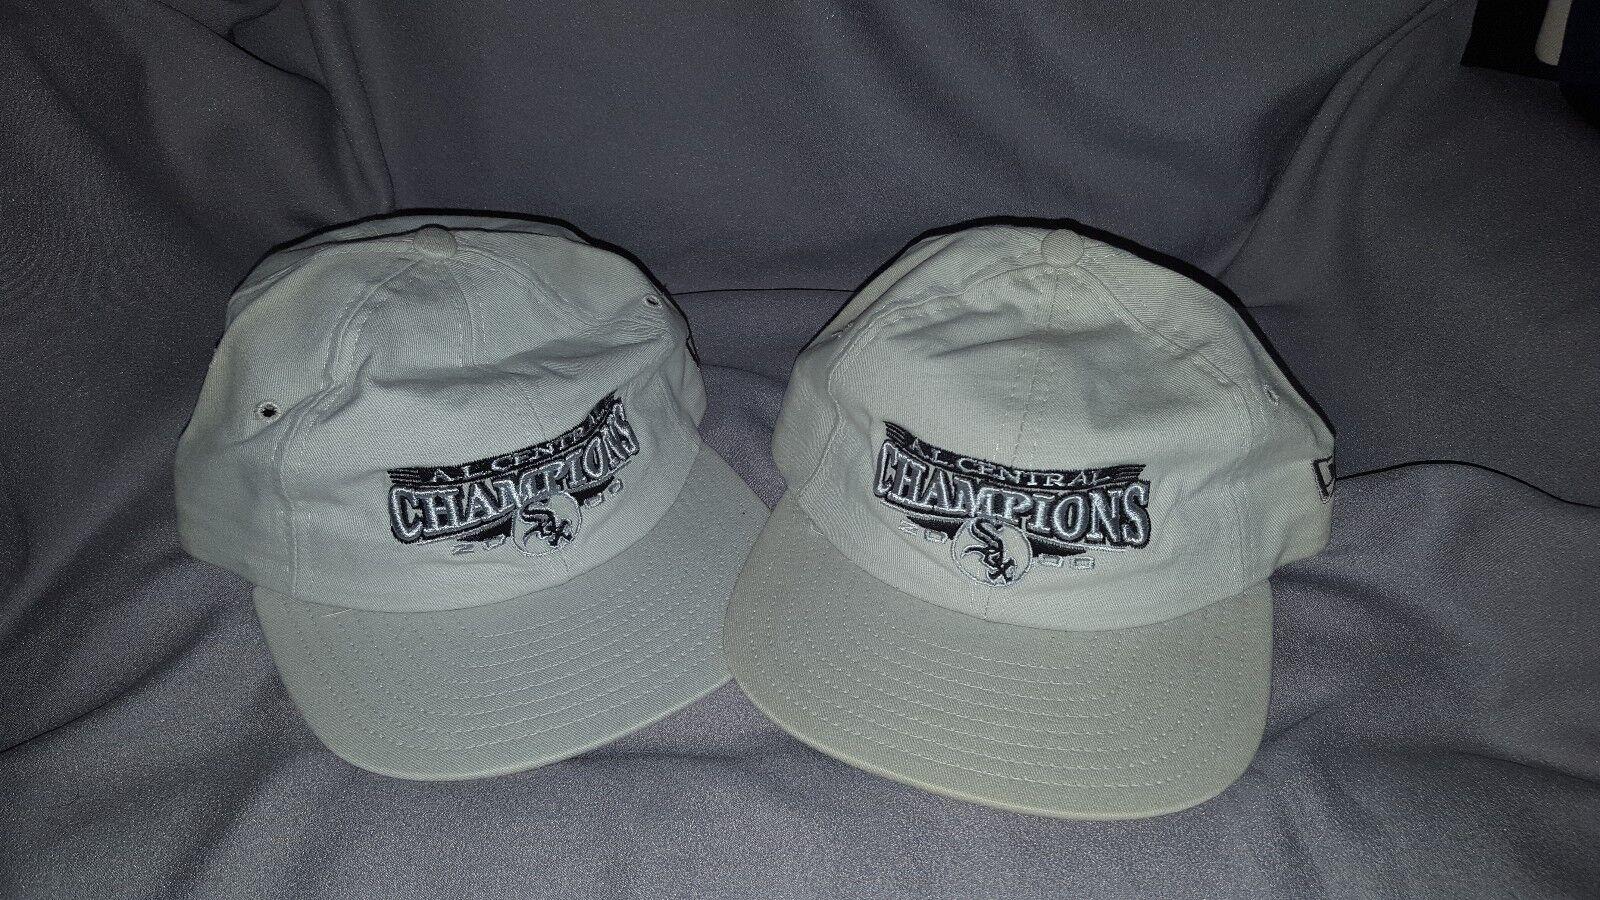 NEW ERA KHAKI STRAPBACK A.L. CENTRAL CHAMPIONS 2000 NEW CHICAGO WHITE SOX  NEW 2000 LOT 2 e85dc4